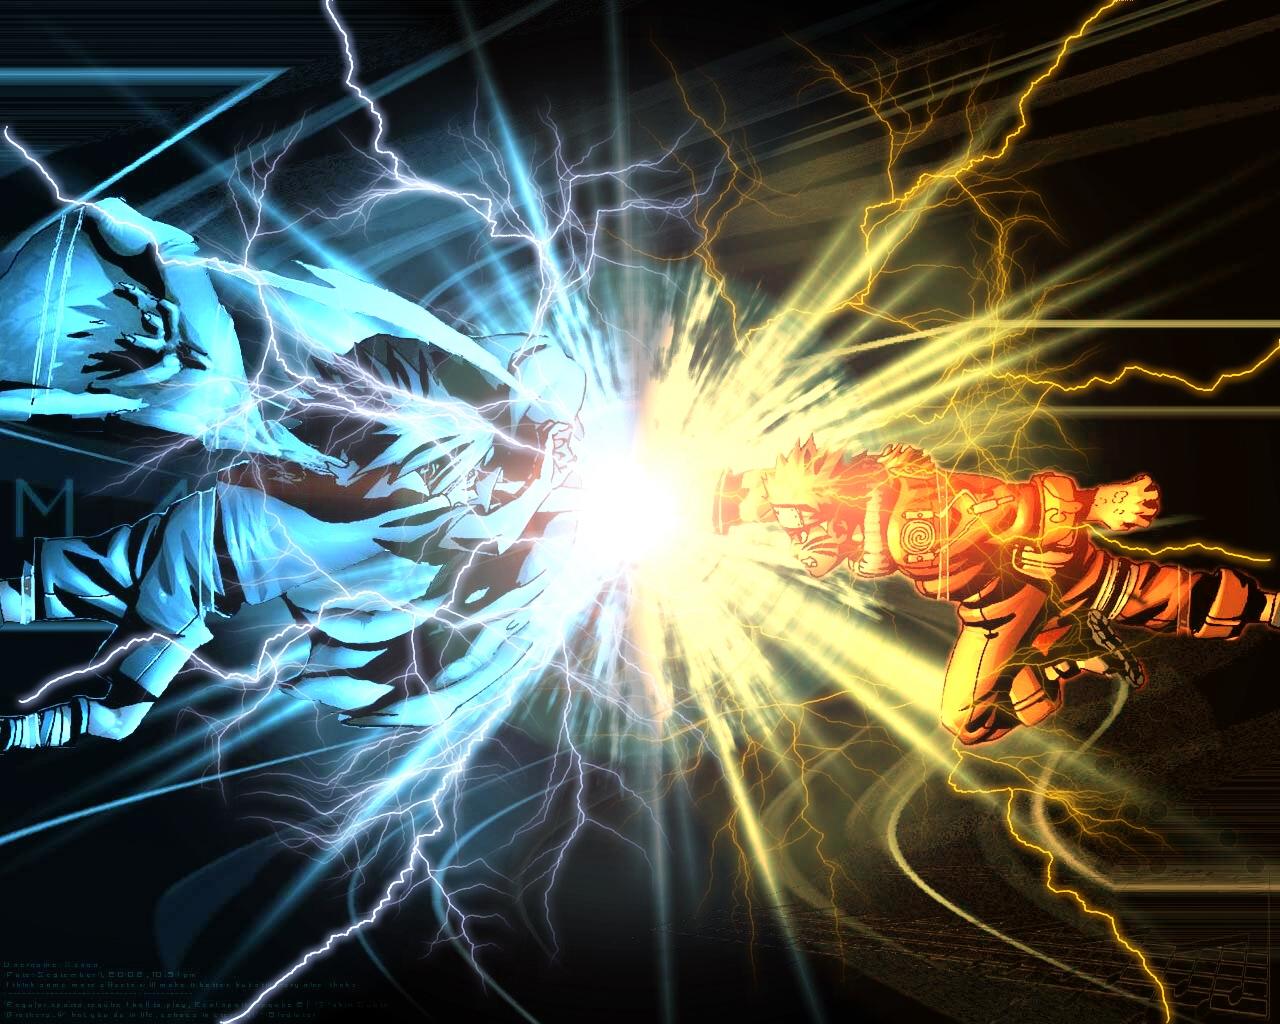 naruto wallpaper: :: chidori vs rasengan :: - minitokyo